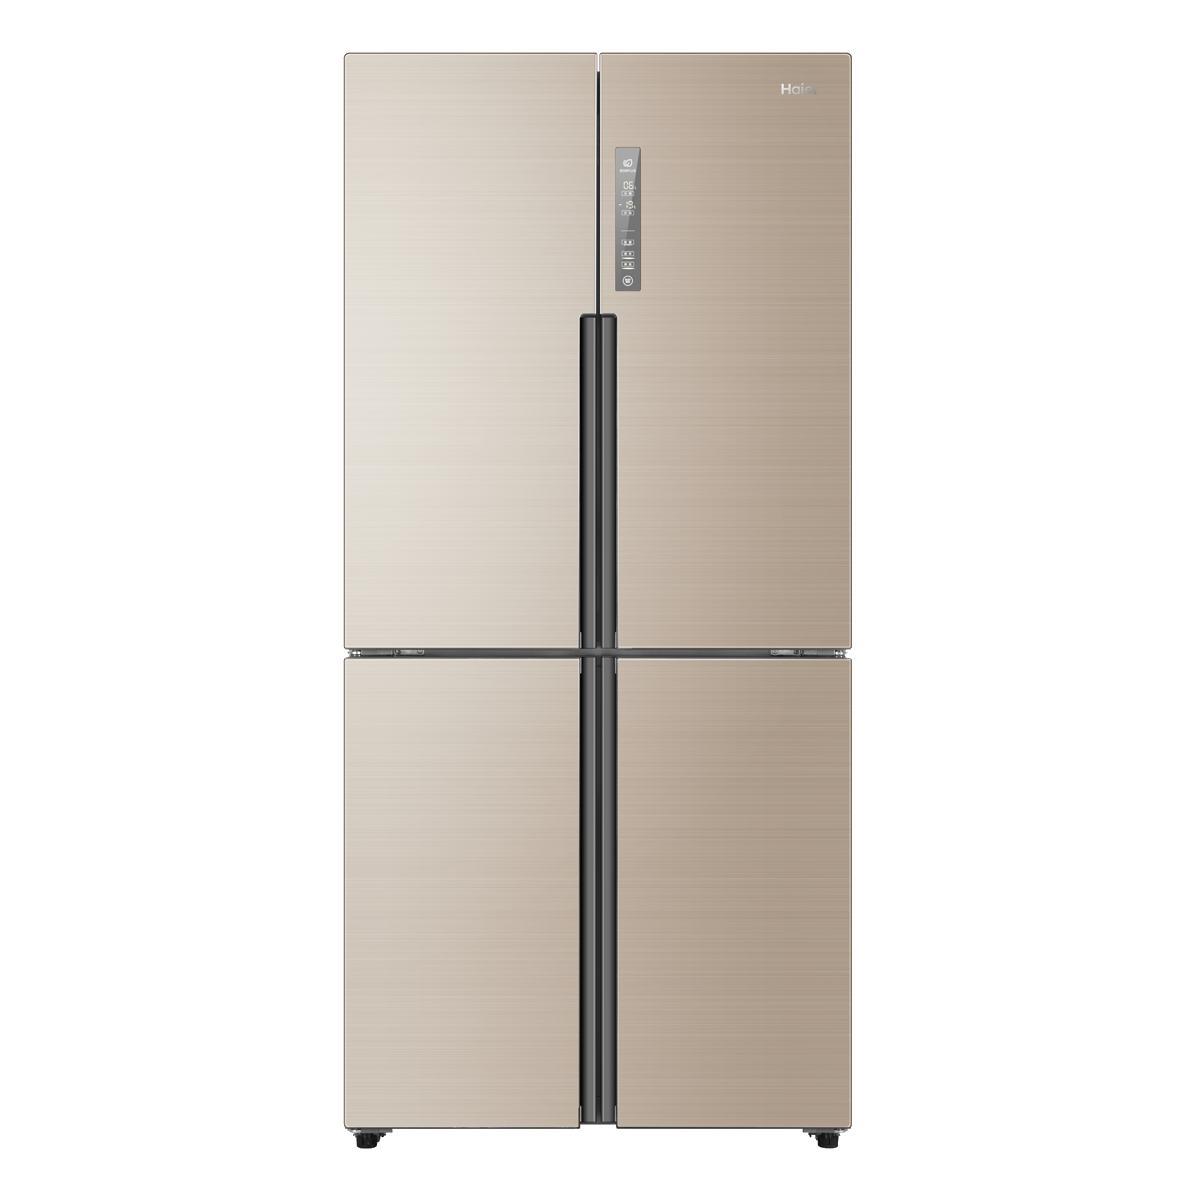 海尔Haier冰箱 BCD-458WDVMU1 说明书